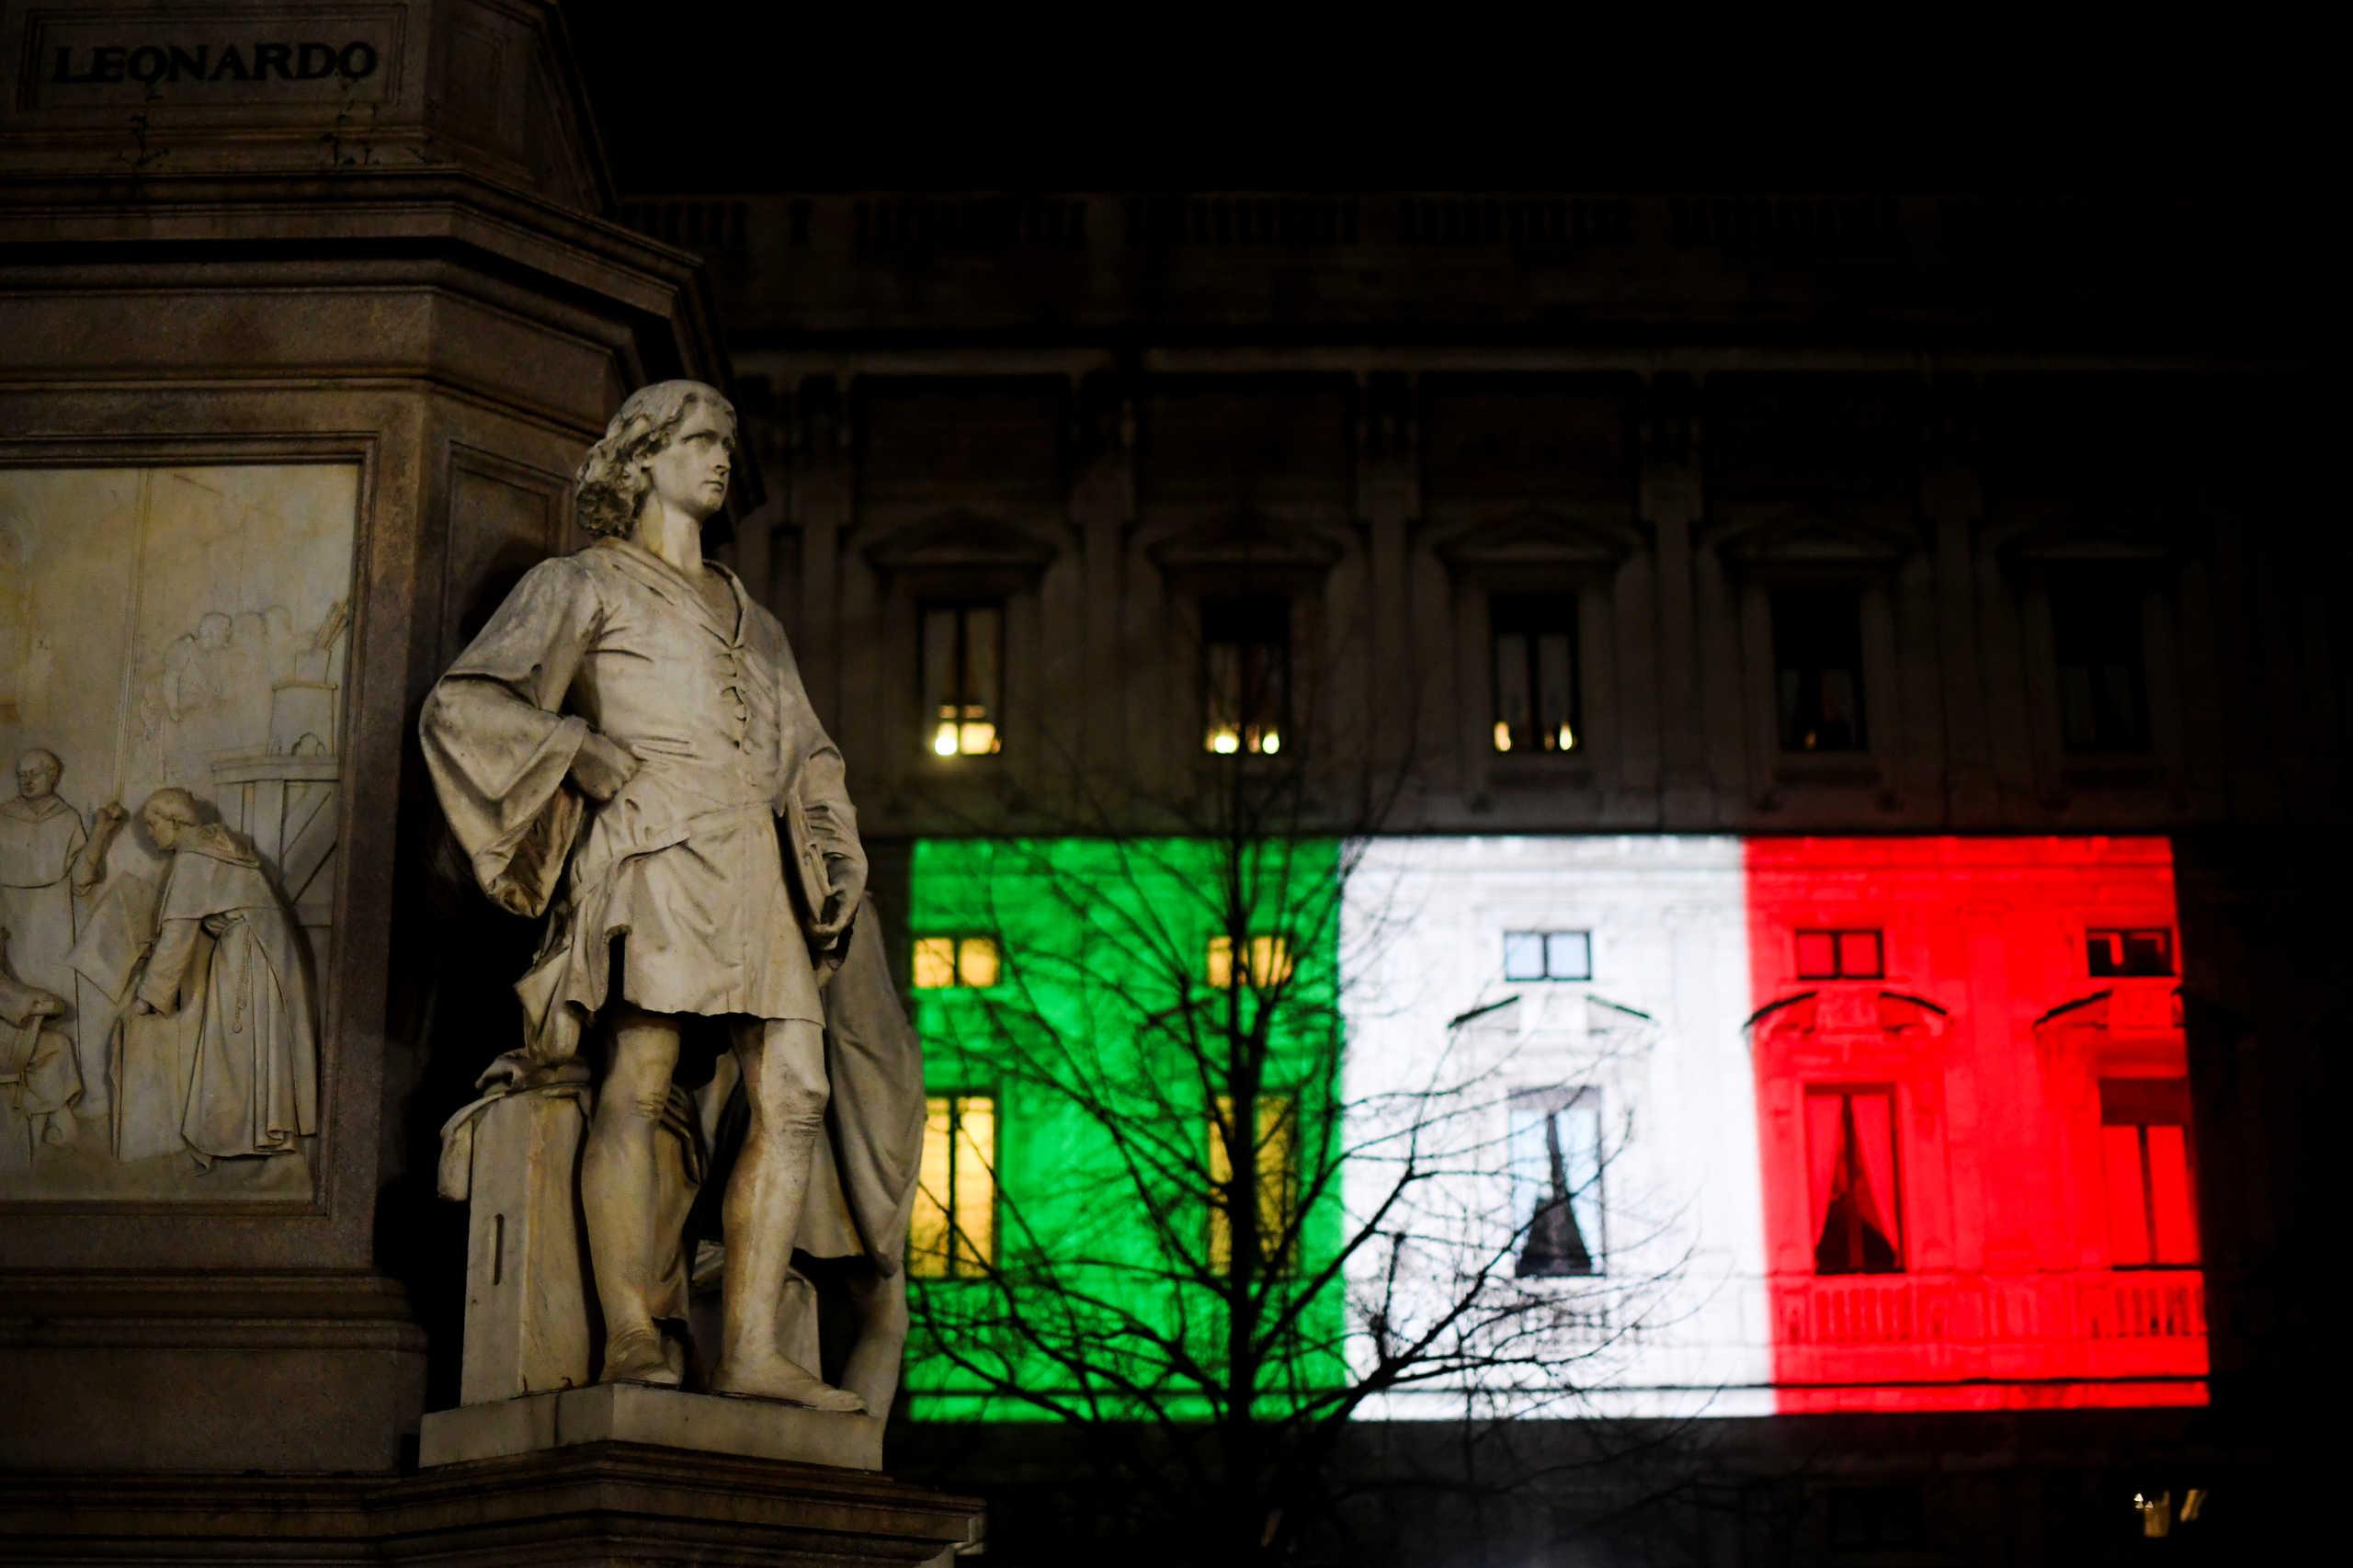 Ιταλία νέα κρούσματα κορονοϊού